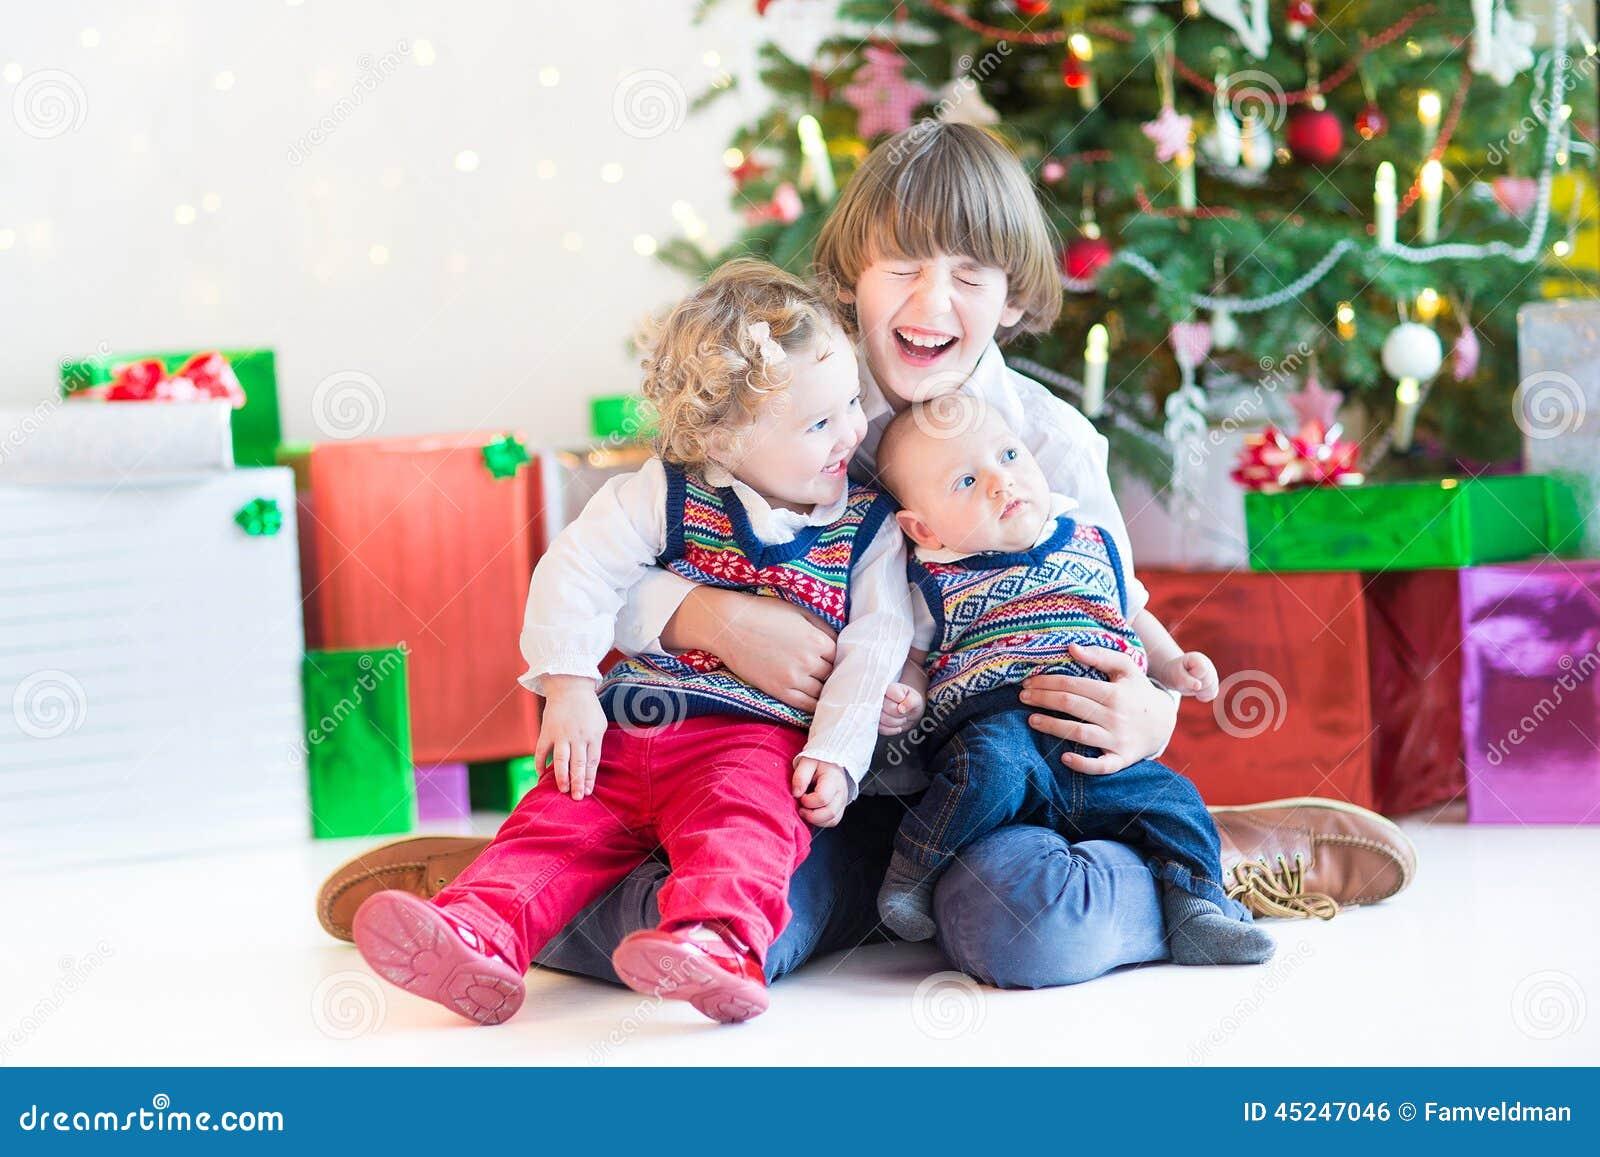 Drei glückliche Kinder - Jugendlichjunge, Kleinkindmädchen und ihr neugeborener Babybruder - zusammen spielend unter Weihnachtsba